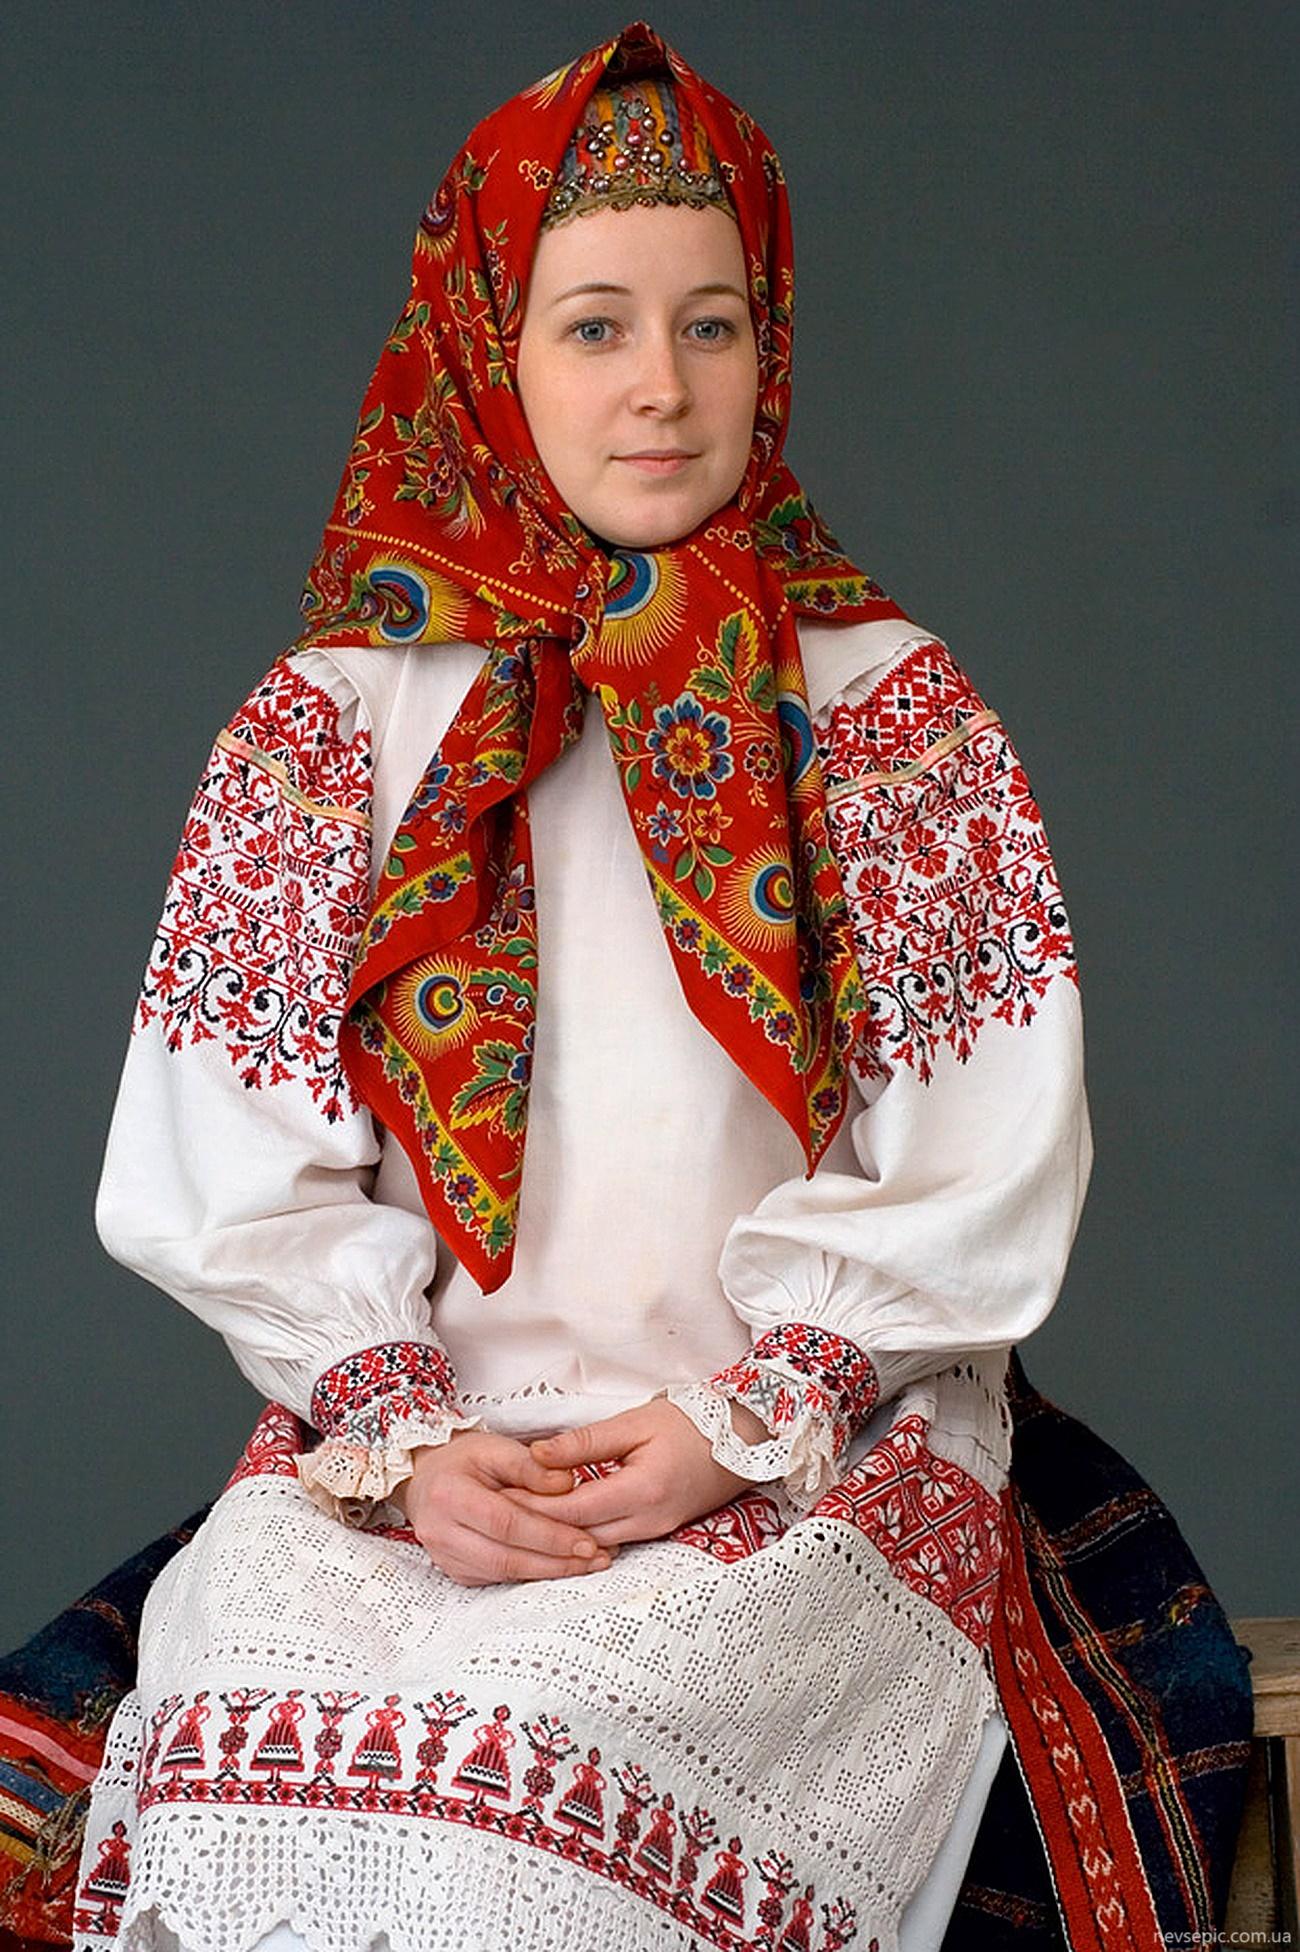 русский костюм народный костюм фото женский